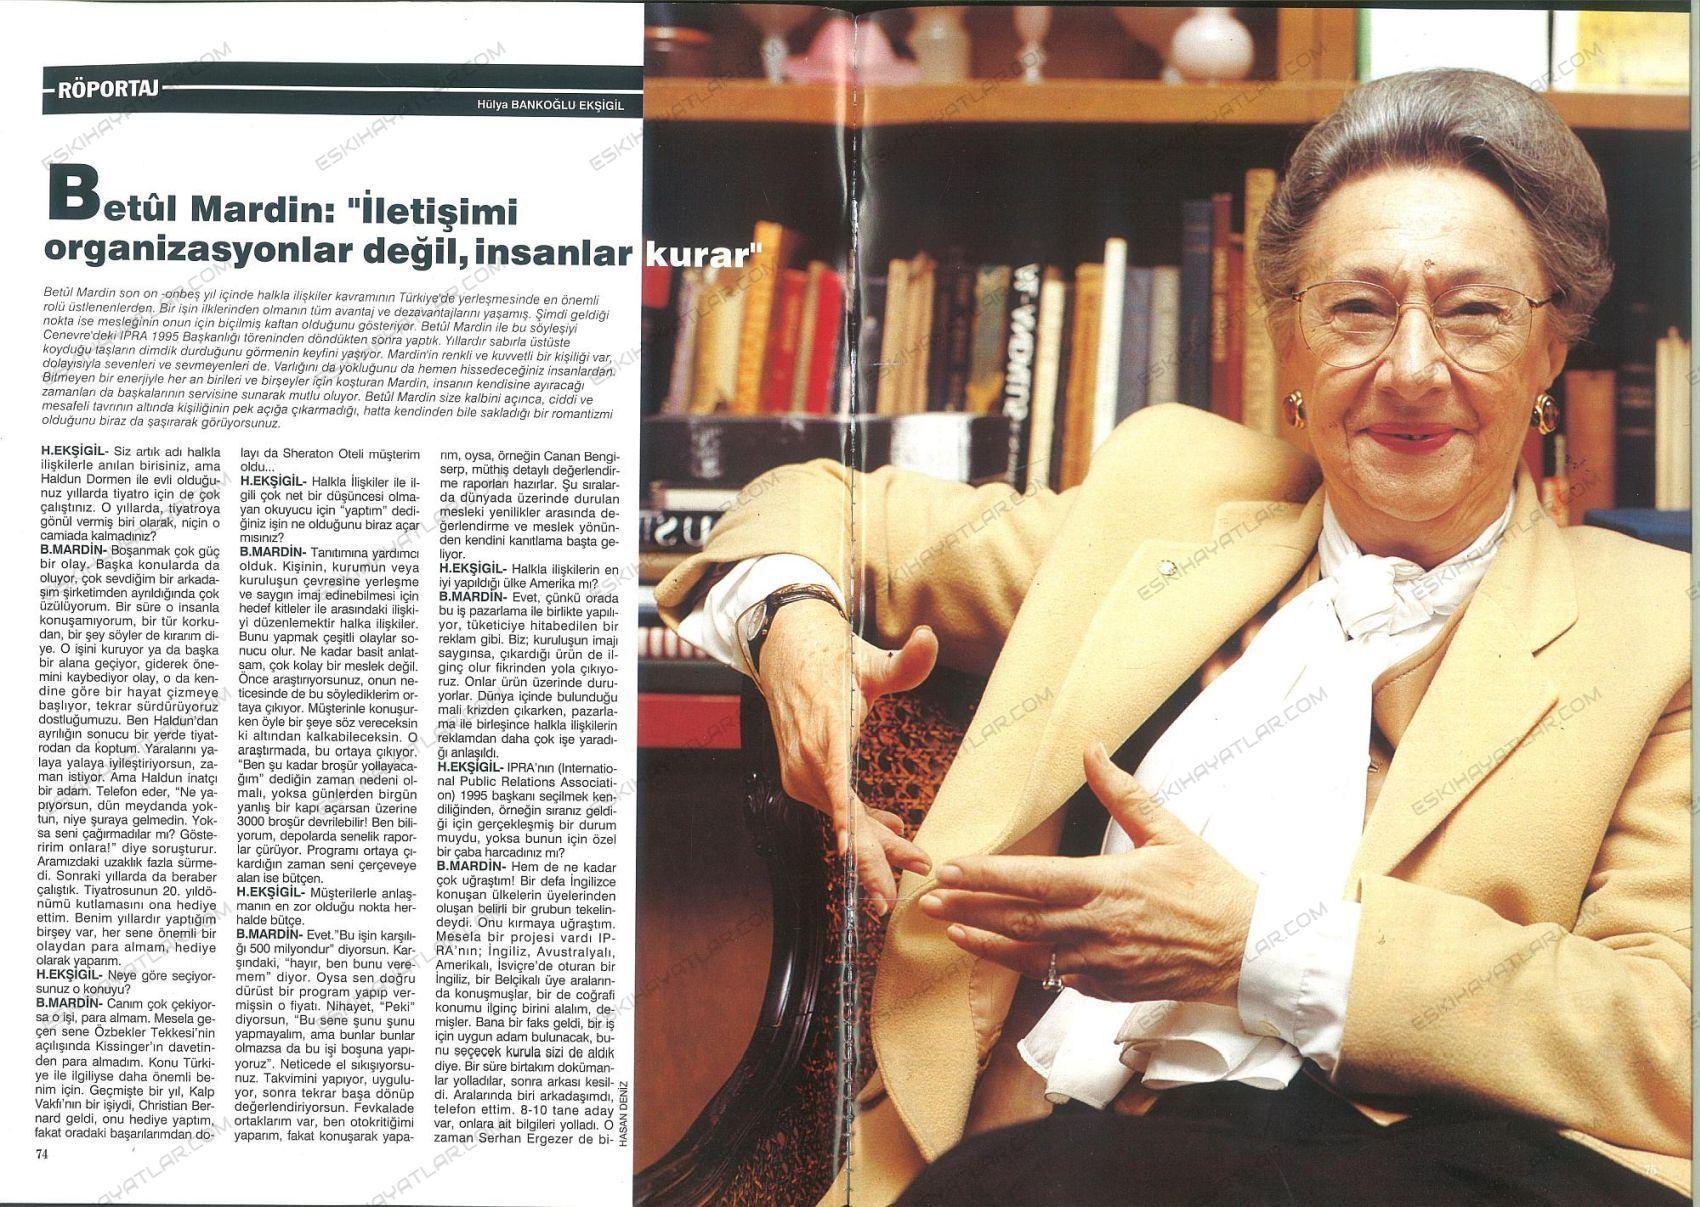 0695-betul-mardin-haberleri-betul-mardin-konusmalari-1995-vizyon-dergisi-mardin-ailesi-bireyleri (1)